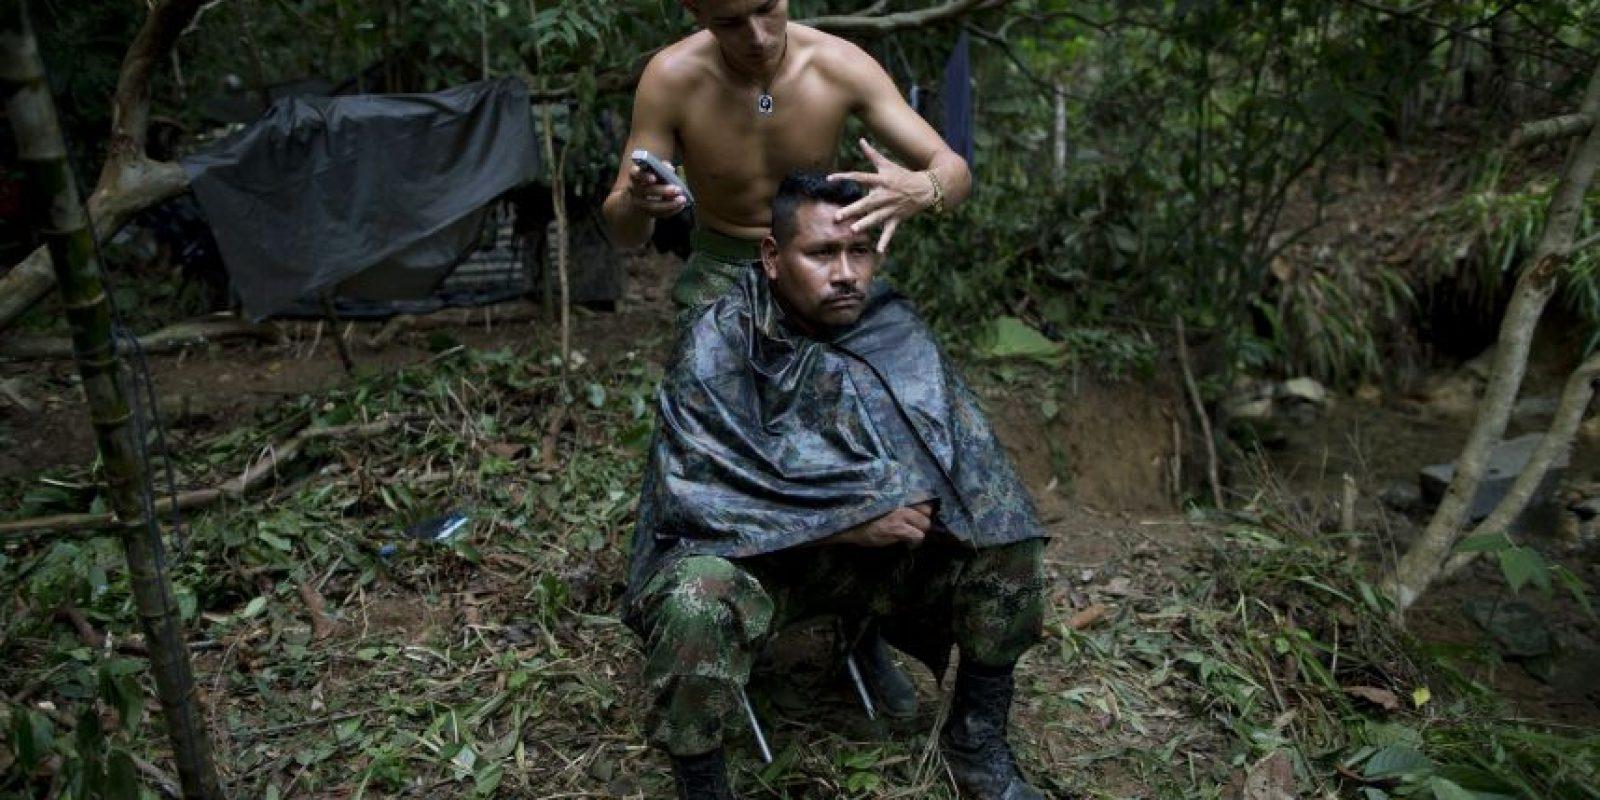 En esta imagen, tomada el 5 de enero de 2016, Alexis, un guerrillero de 24 años, corta el pelo a Juan Pablo, comandante del 36to frente de las Fuerzas Armadas Revolucionarias de Colombia, o FARC, en su campamento, escondido en los Andes noroccidentales de Colombia, en el estado de Antioquia. Ahora, tras 25 años planeando emboscadas y montando minas antipersona, la paz está al alcance de la mano y por primera vez Juan Pablo piensa en su futuro lejos de su escondite en la selva. Foto:AP/ Rodrigo Abd